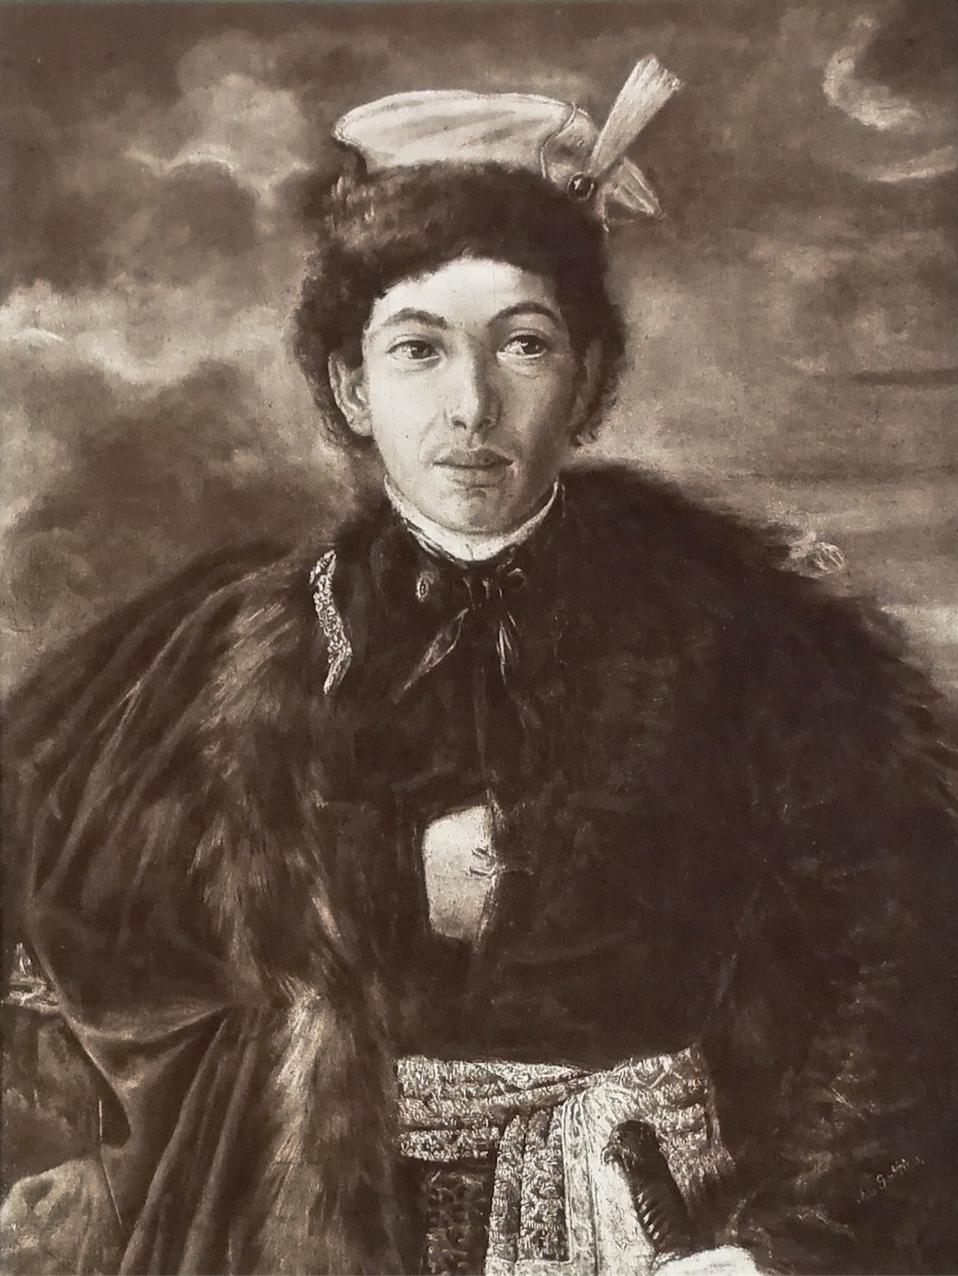 """Maurycy Gottlieb """"Autoportret w stroju szlachcica polskiego"""", 1874 rok, (rotograwiura), źródło: Warszawski Dom Aukcyjny"""